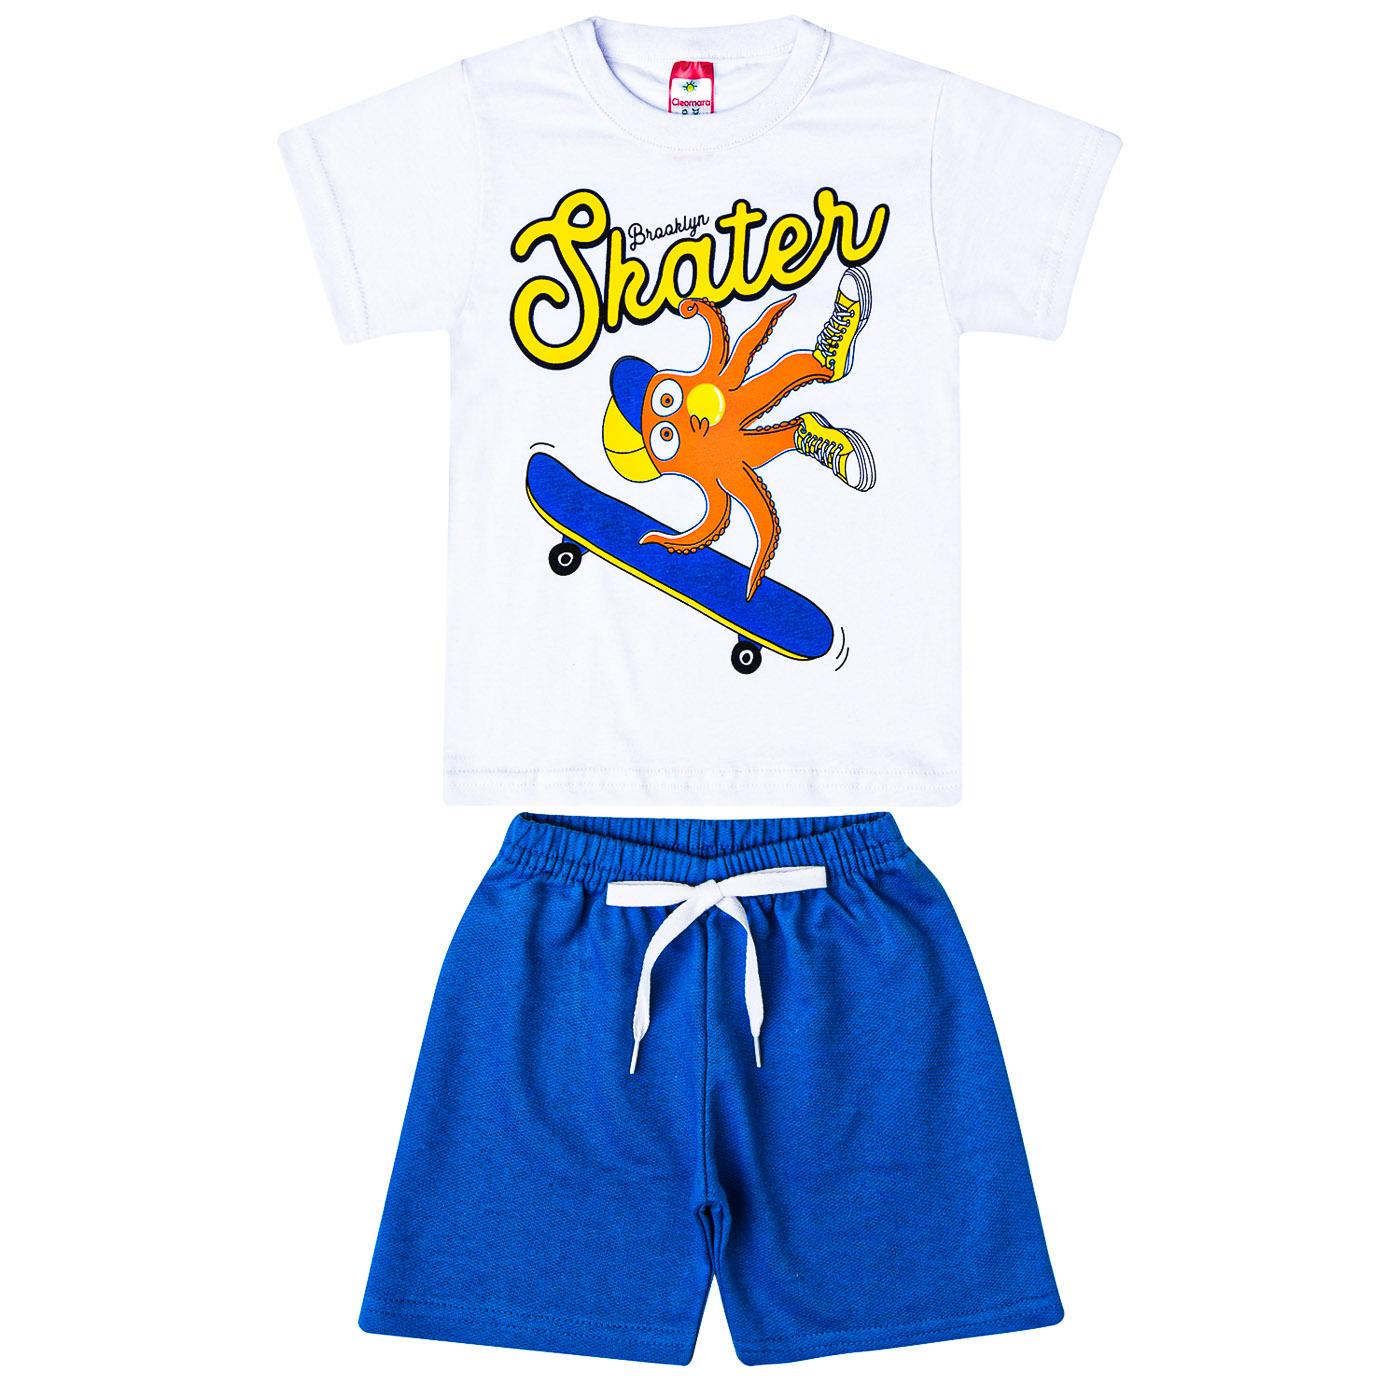 kit com 6 Conjuntos Infantis Verão para Menino.